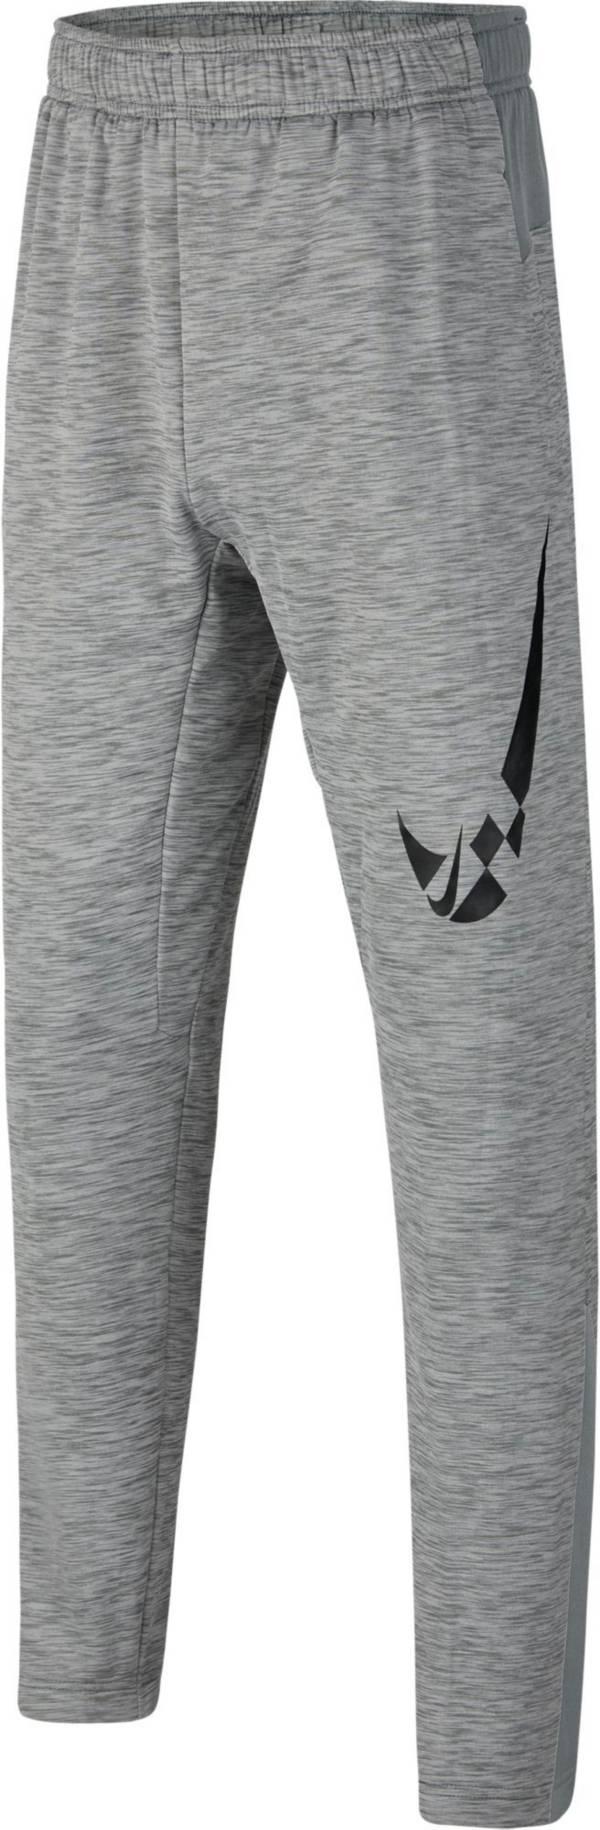 Nike Boys' Training Pants product image